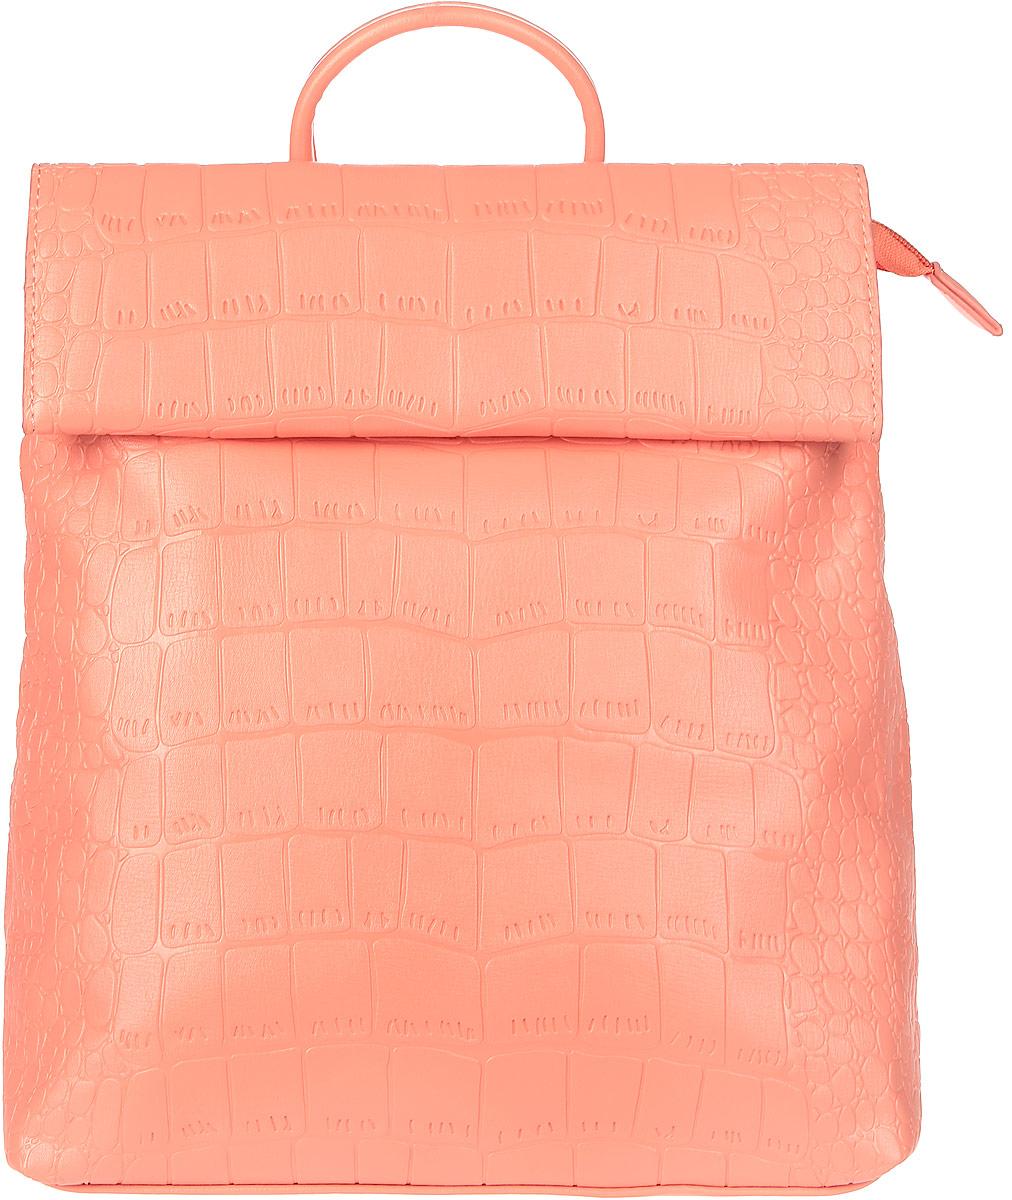 Рюкзак женский OrsOro, цвет: персиковый. D-247/17D-247/17Рюкзак с раскладывающимся клапаном, одним отделением на молнии, два внутренних кармана один из них на молнии, карман для телефона, задний карман на молнии.